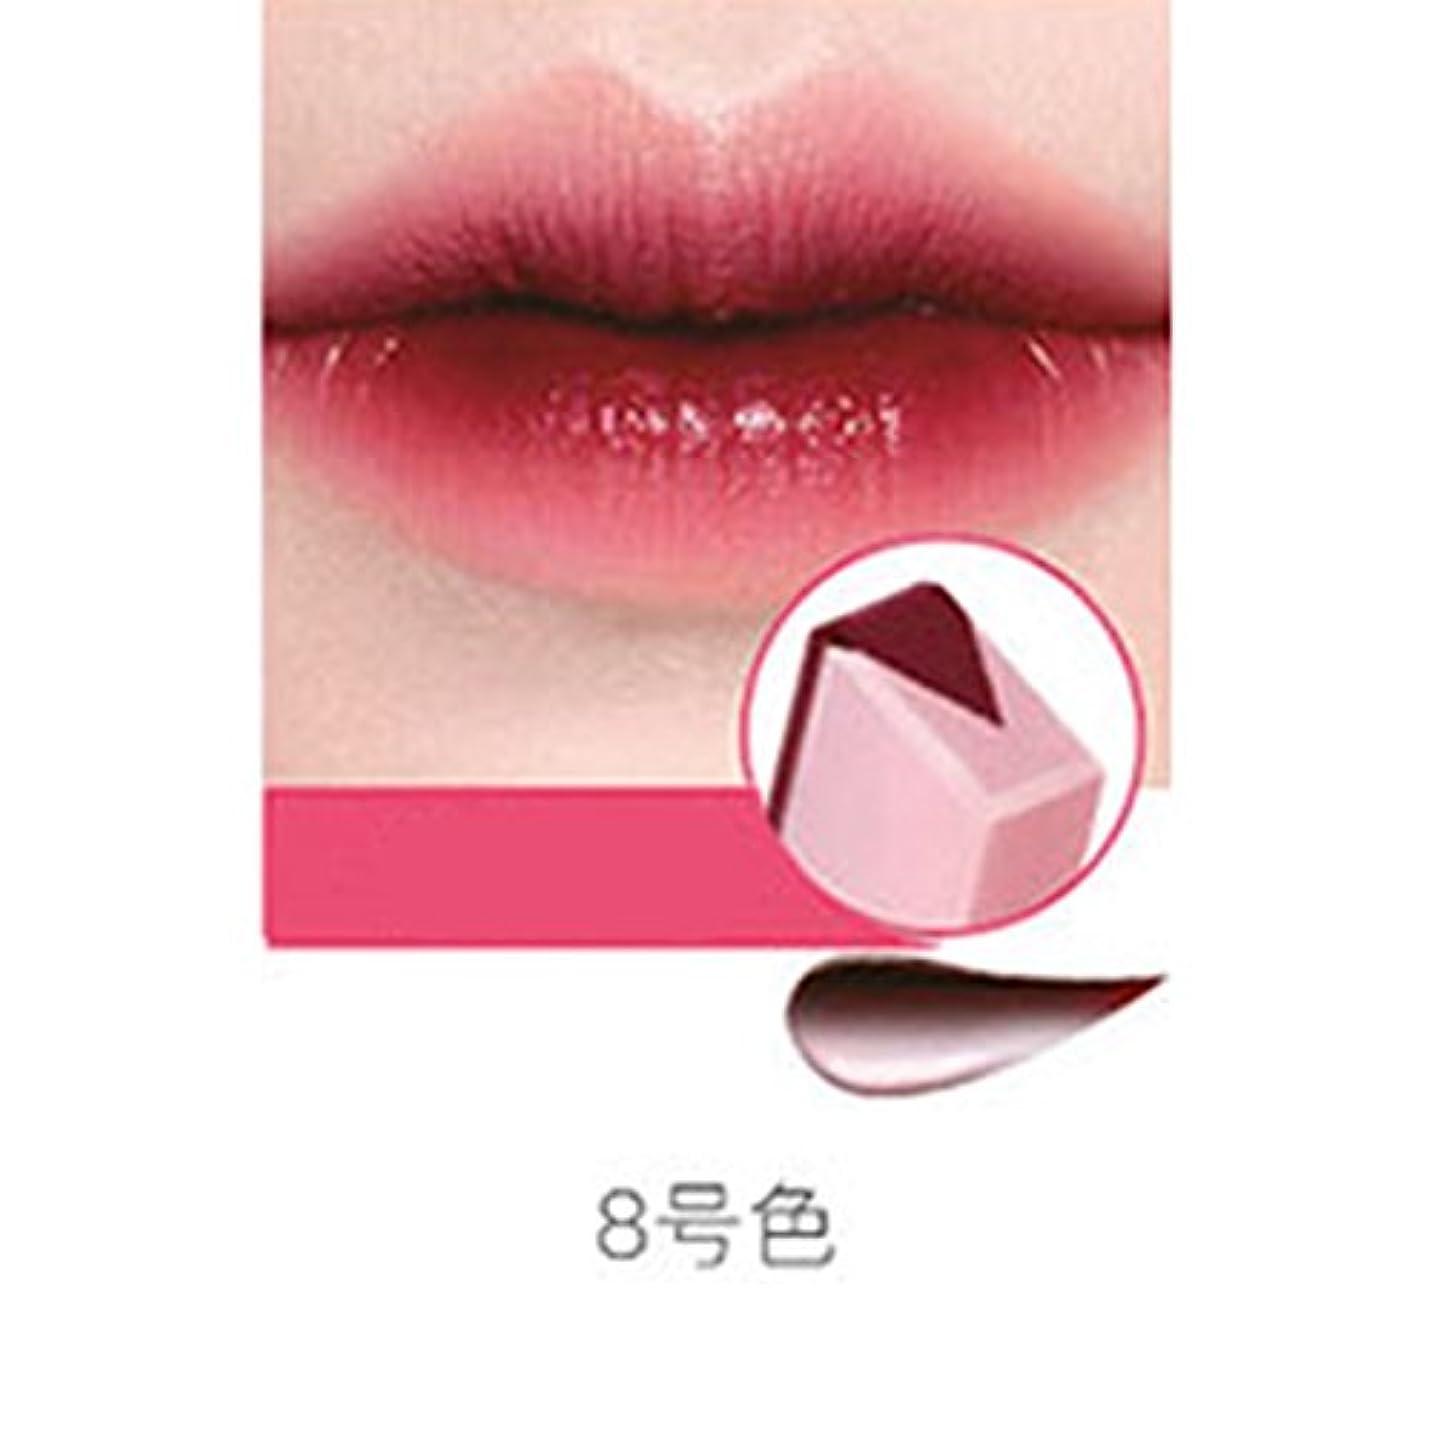 未就学ヤギ行列RaiFu リップスティック ペンシル リップバー 女性 ファッション グラデーションカラー マット メイクアップ フルーツ スモークツートーン ティント 08#チェリーミルク